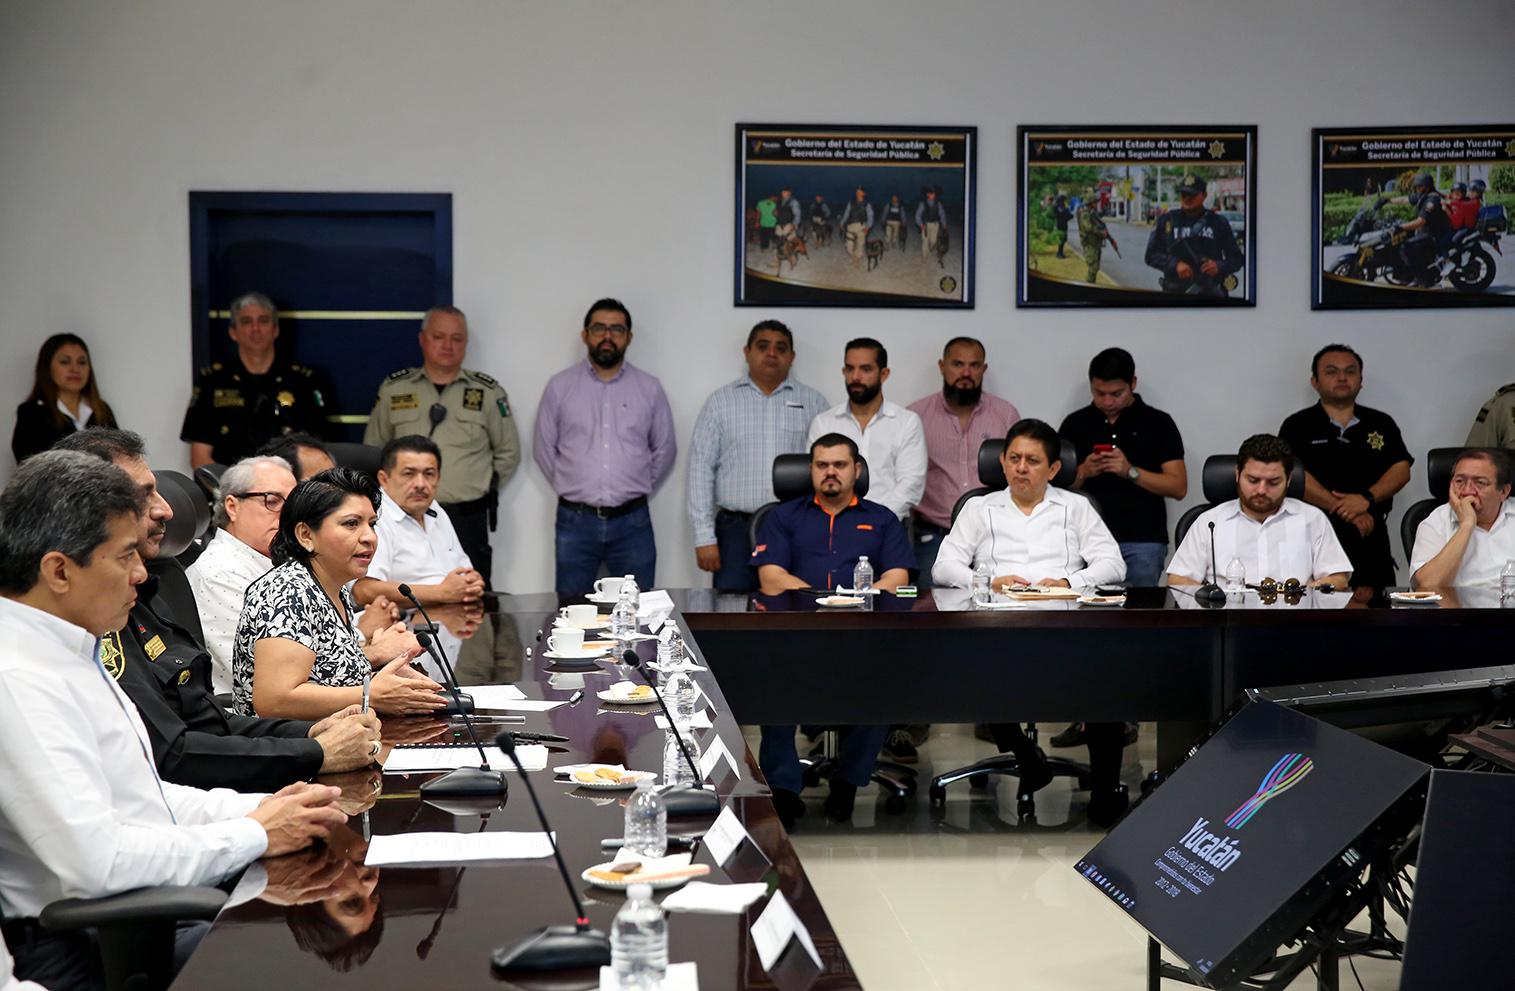 Grupo de empresas yucatecas adopta estrategia estatal de seguridad